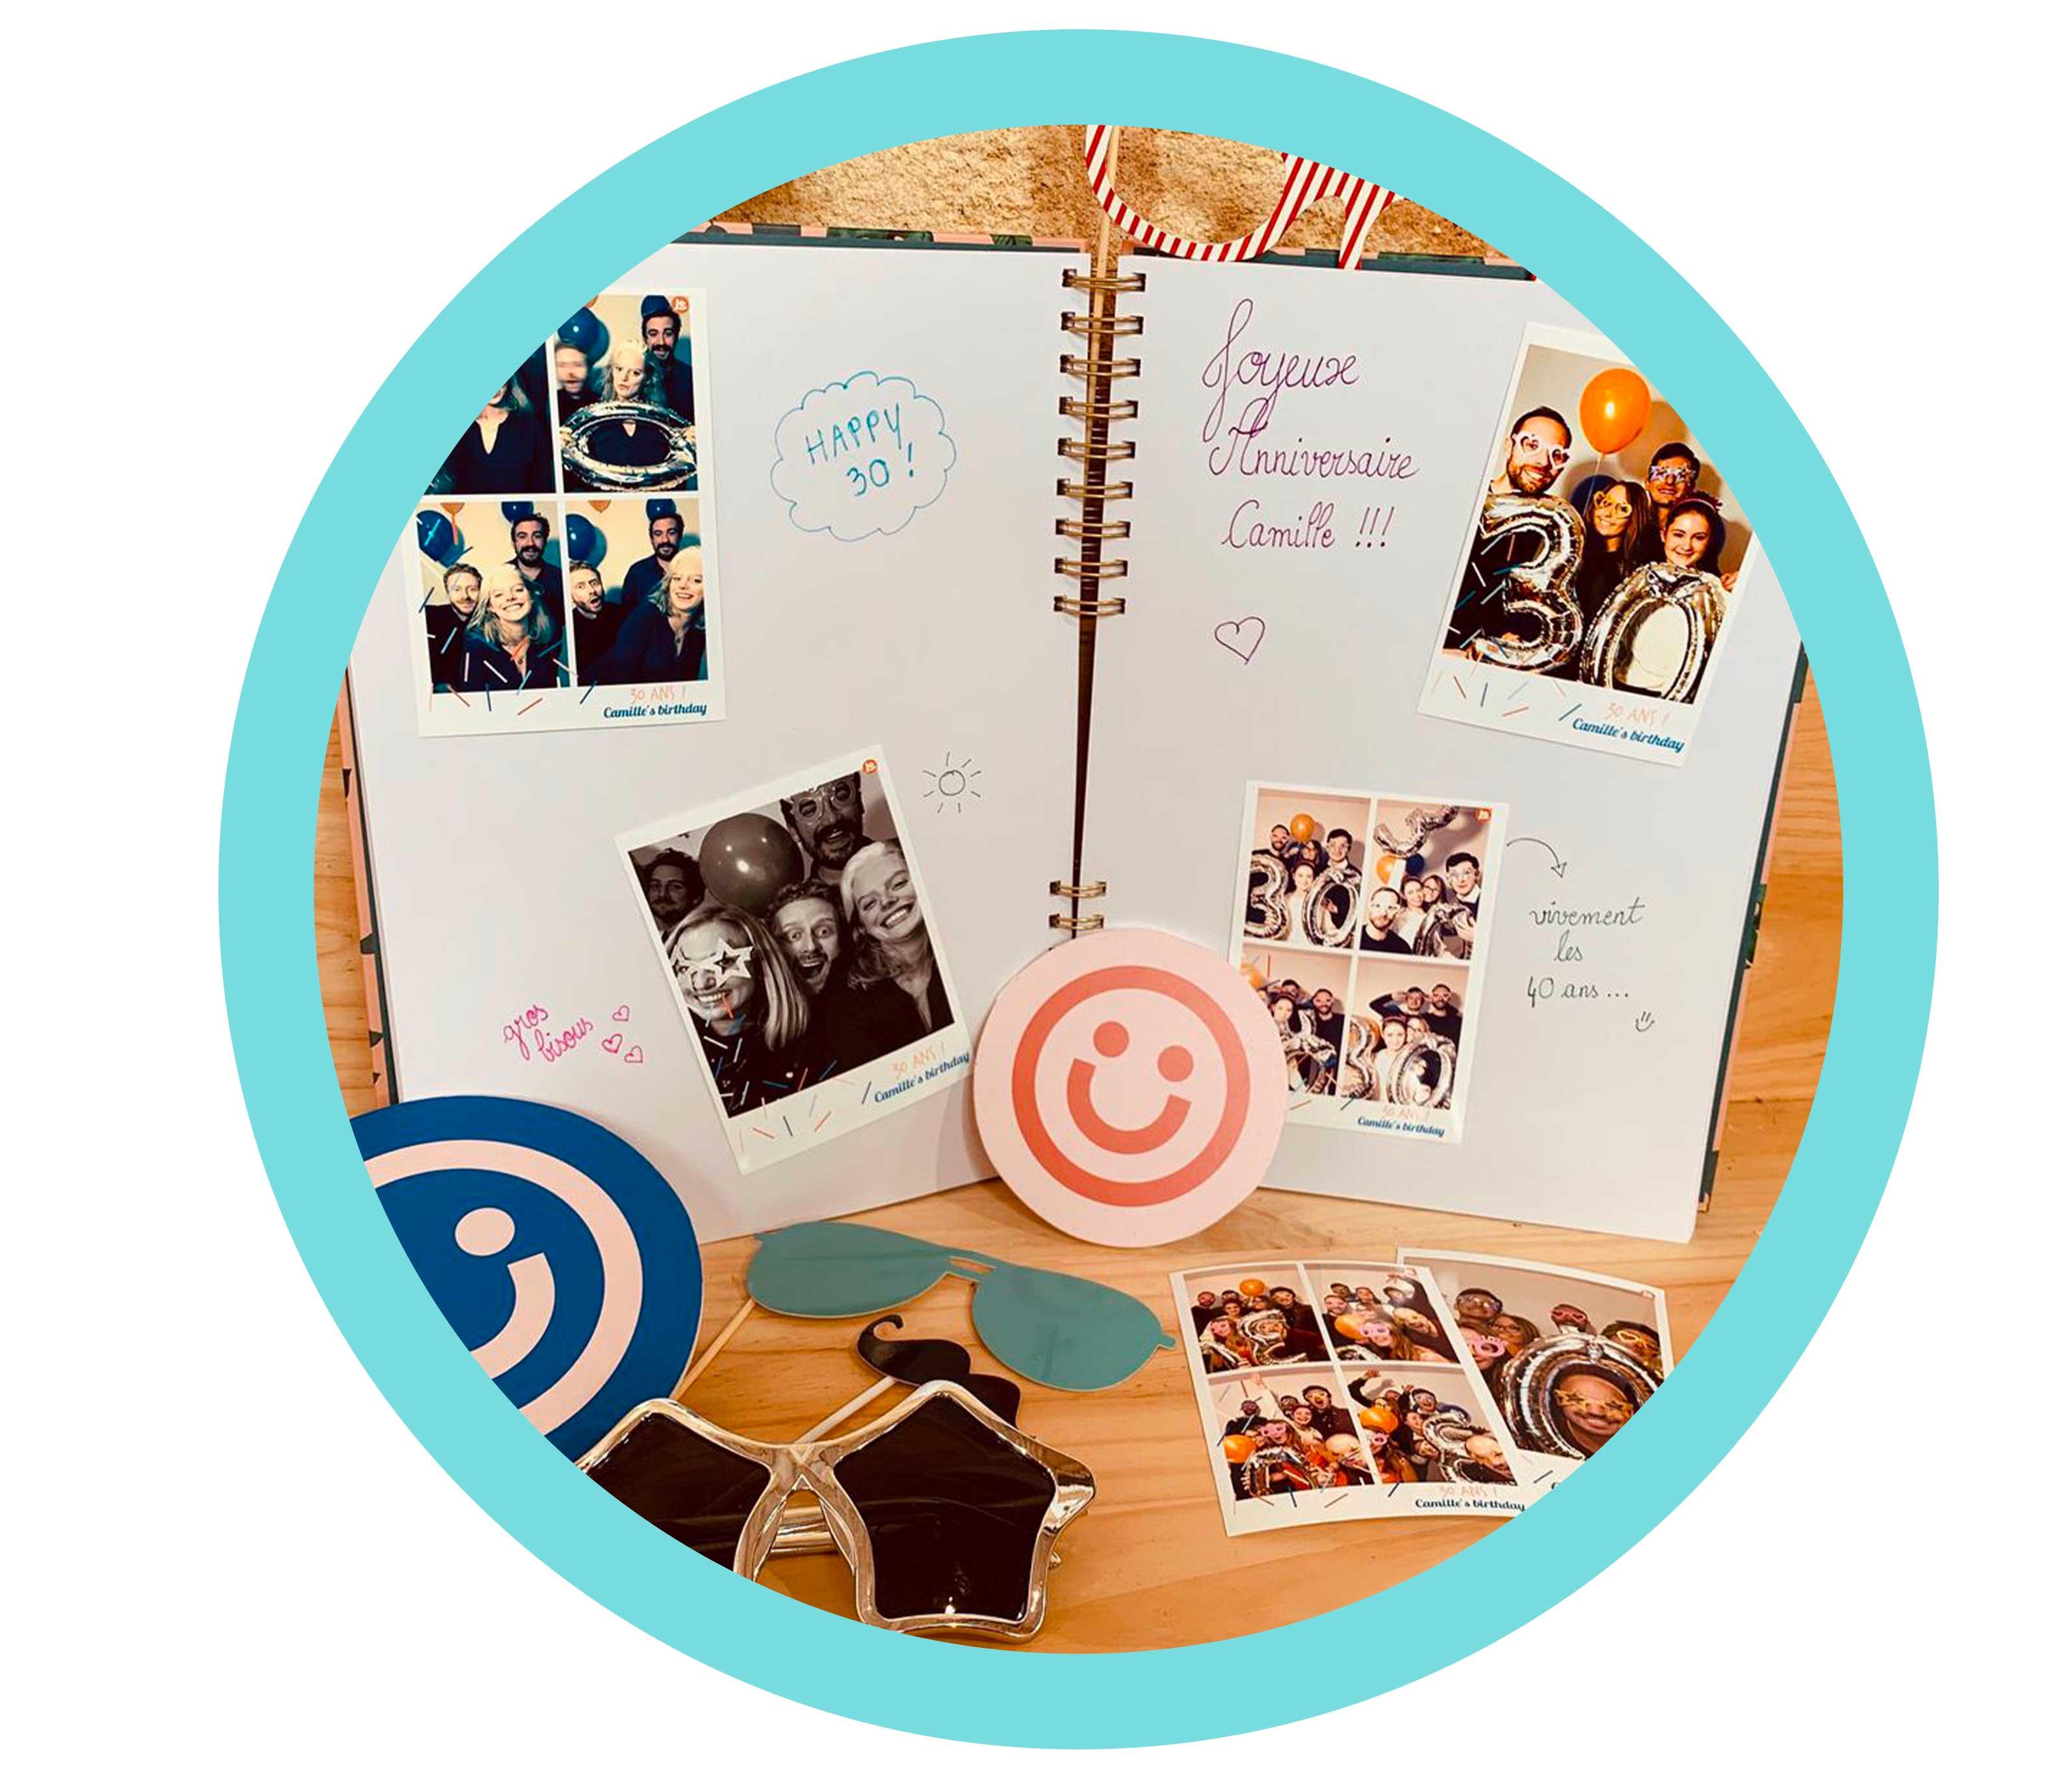 Quatre photos imprimées par le photobooth / borne photo Josepho lors d'un anniversaire sont collées dans un livre d'or. Des mots souhaitant un joyeux anniversaire sont accompagnés à côté des photos.